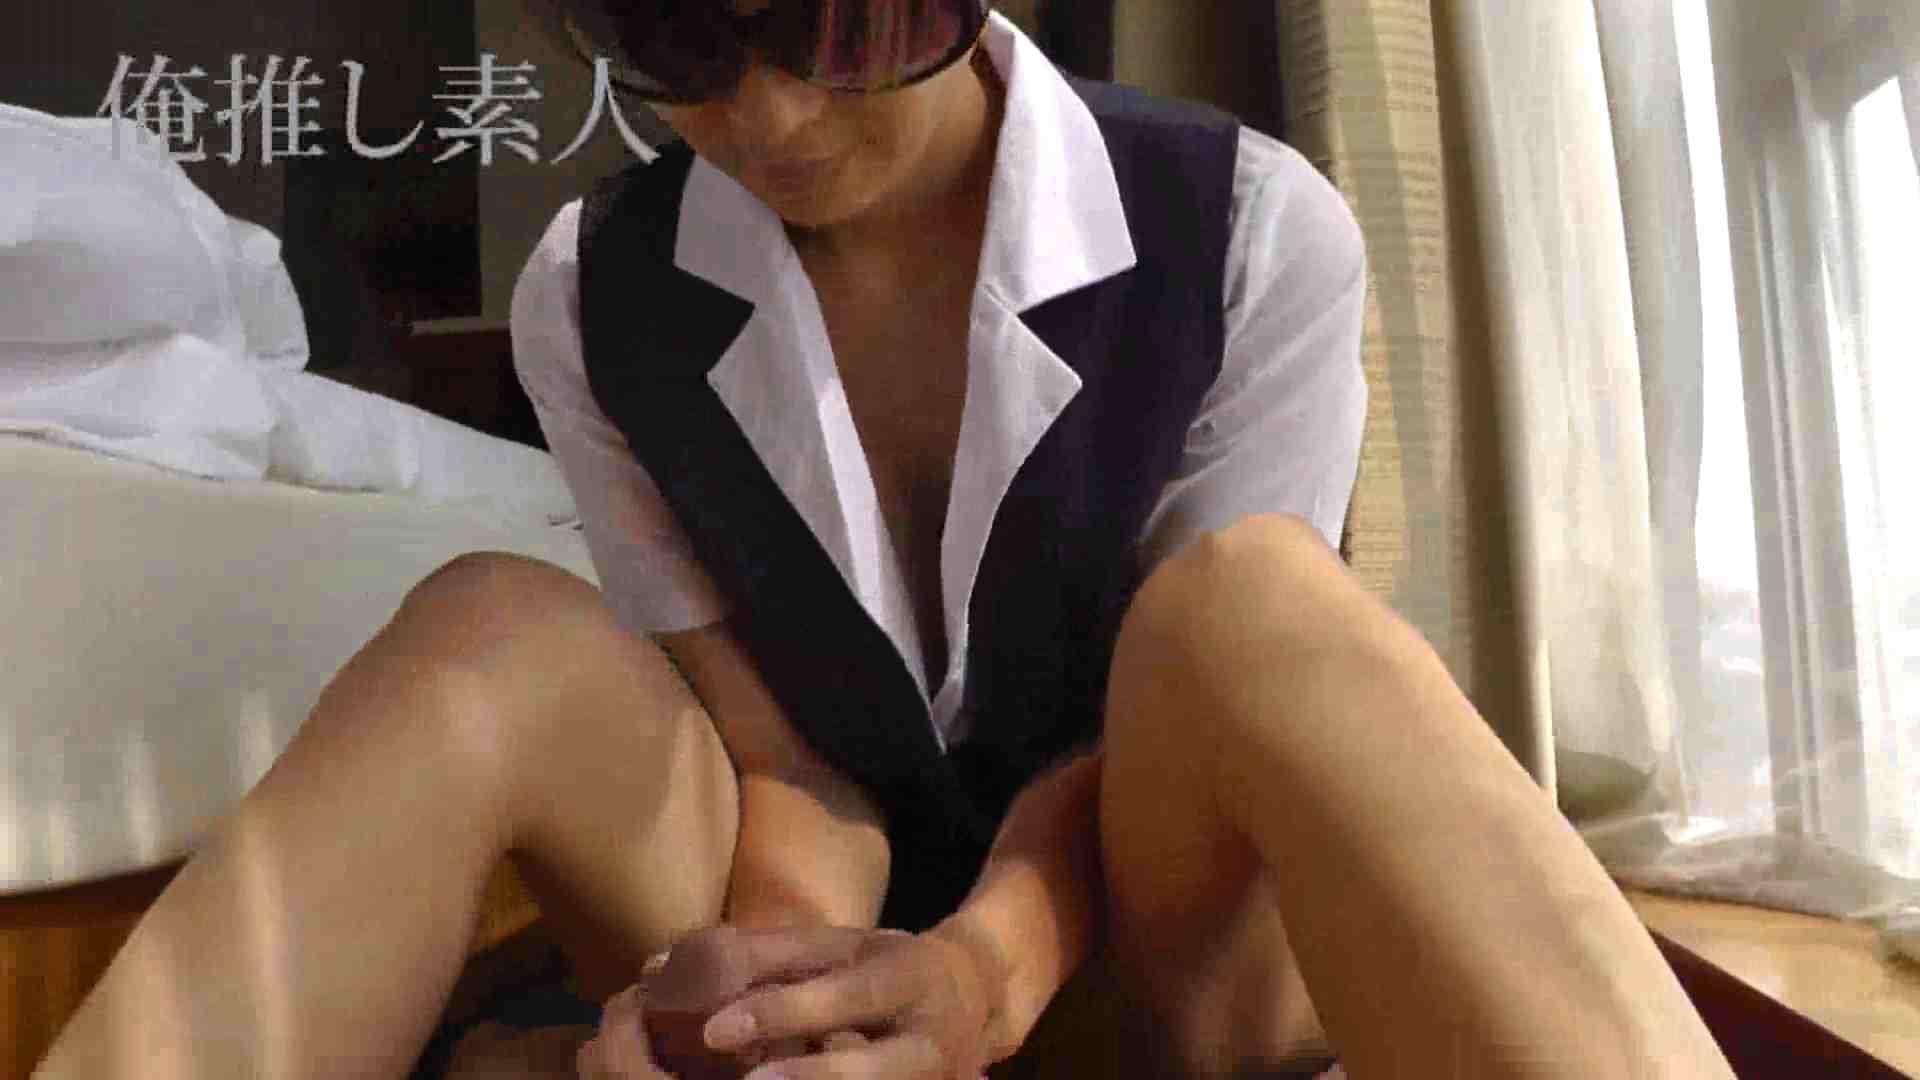 俺推し素人 30代人妻熟女キャバ嬢雫 エッチな人妻 われめAV動画紹介 106pic 45